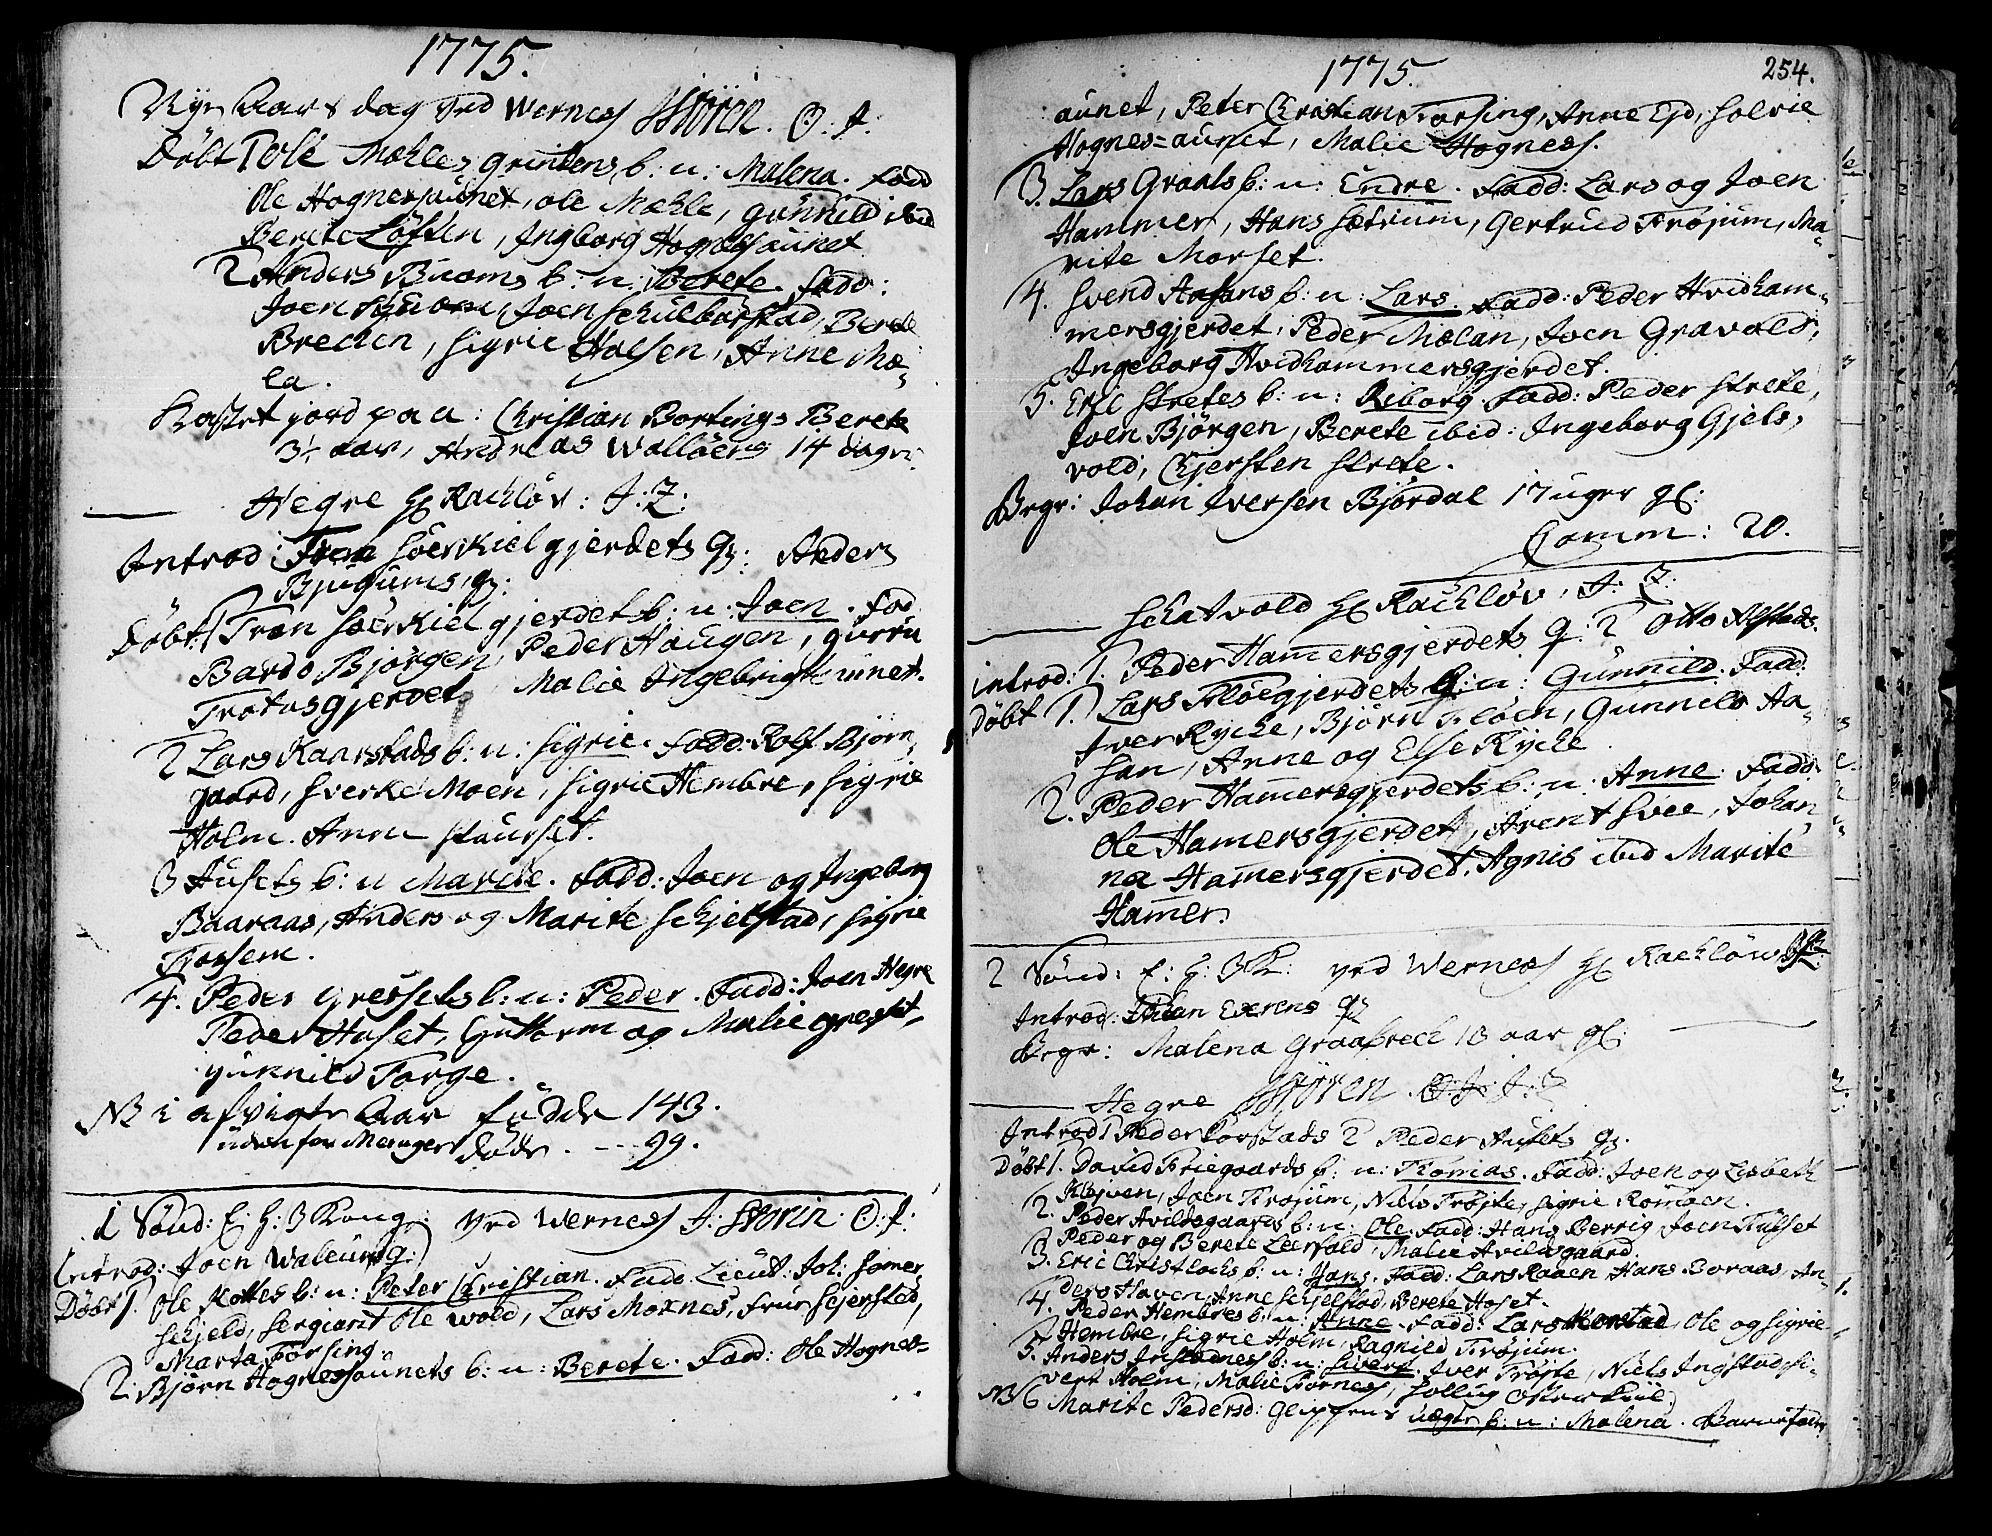 SAT, Ministerialprotokoller, klokkerbøker og fødselsregistre - Nord-Trøndelag, 709/L0057: Ministerialbok nr. 709A05, 1755-1780, s. 254